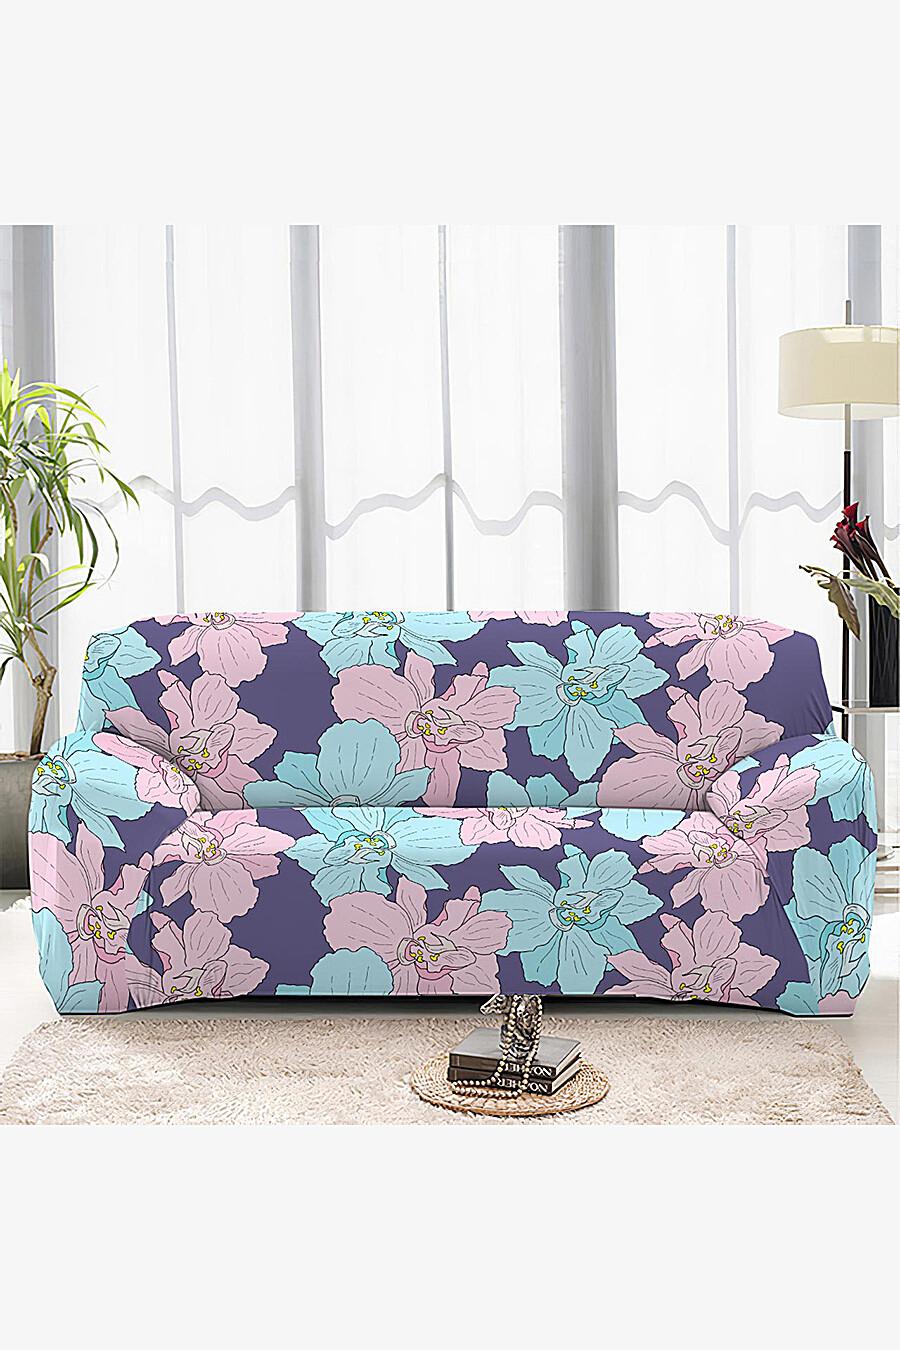 Чехол на диван для дома ART HOME TEXTILE 162978 купить оптом от производителя. Совместная покупка товаров для дома в OptMoyo